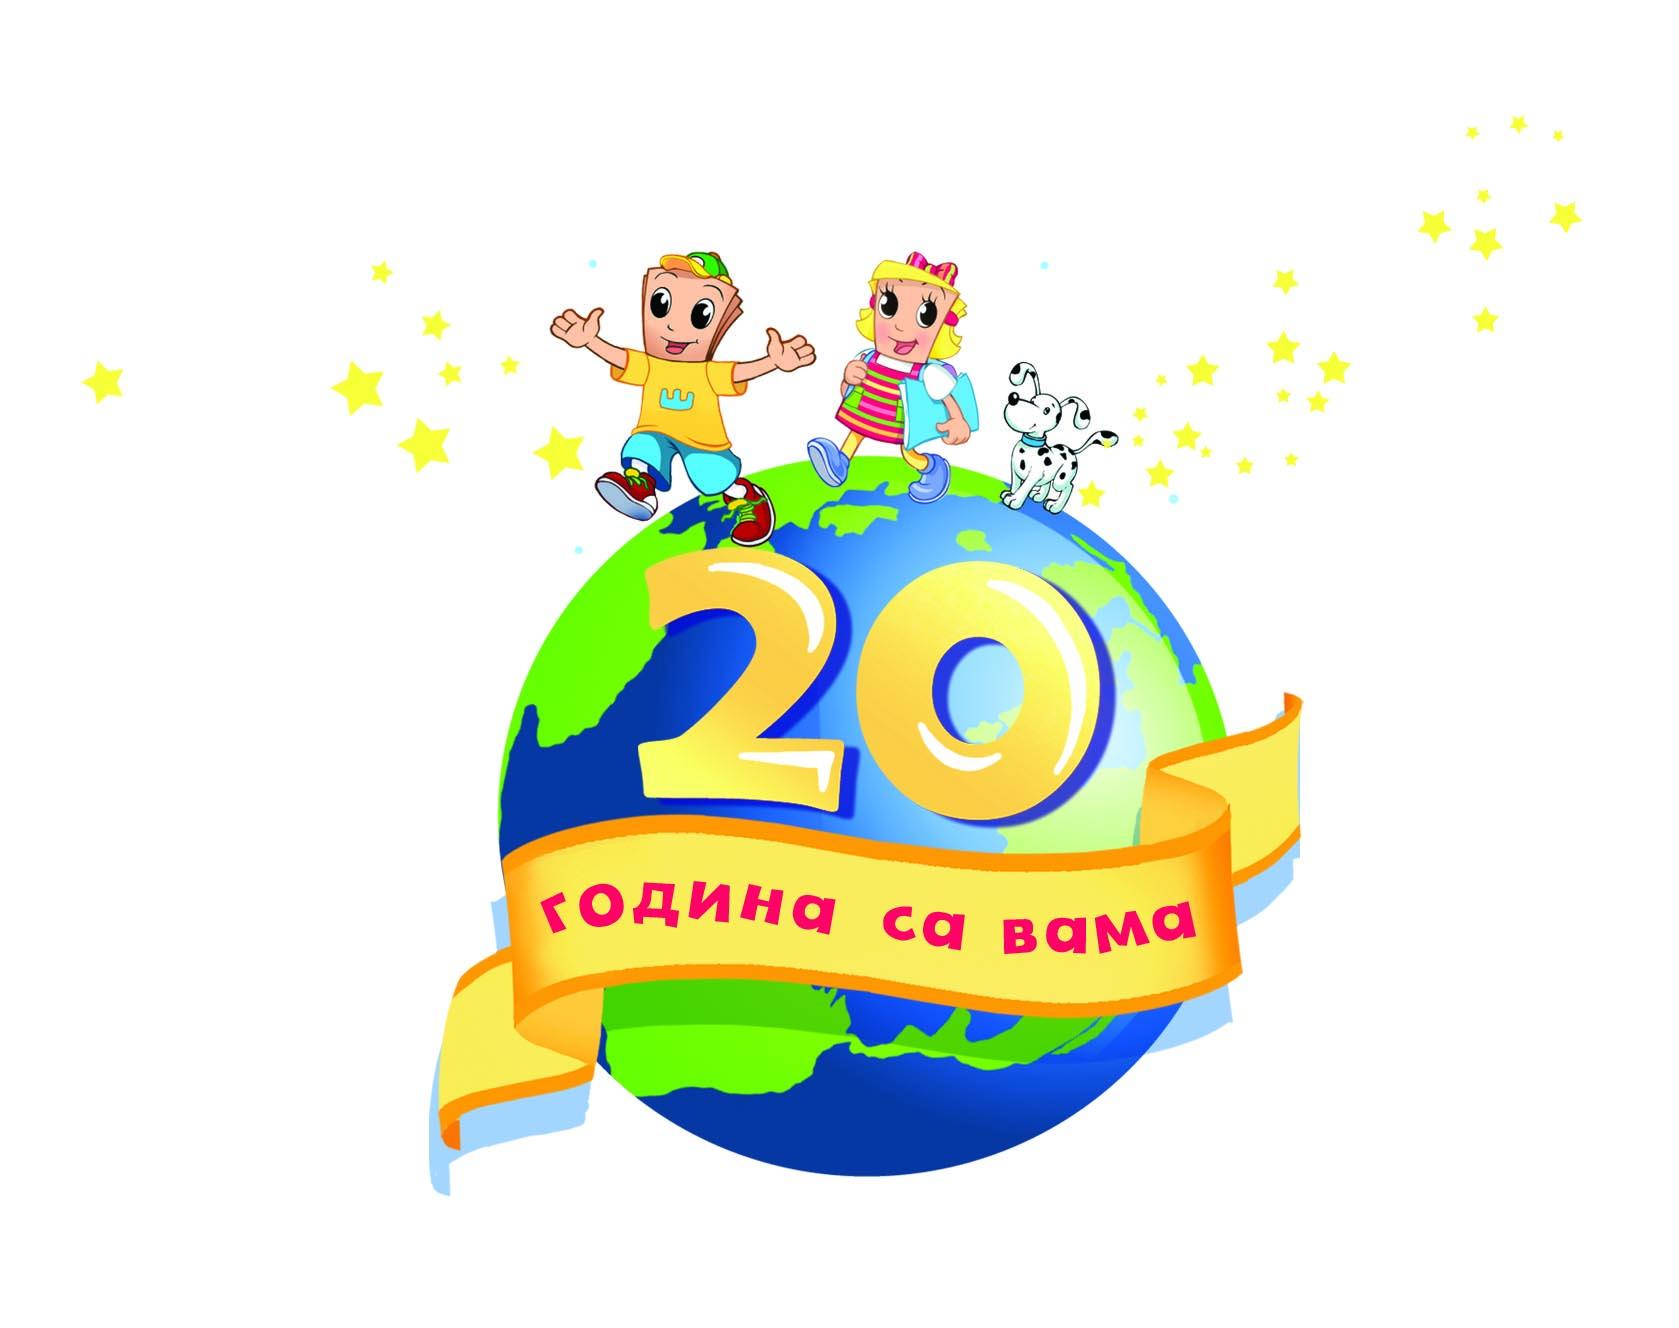 pozivnica 2015